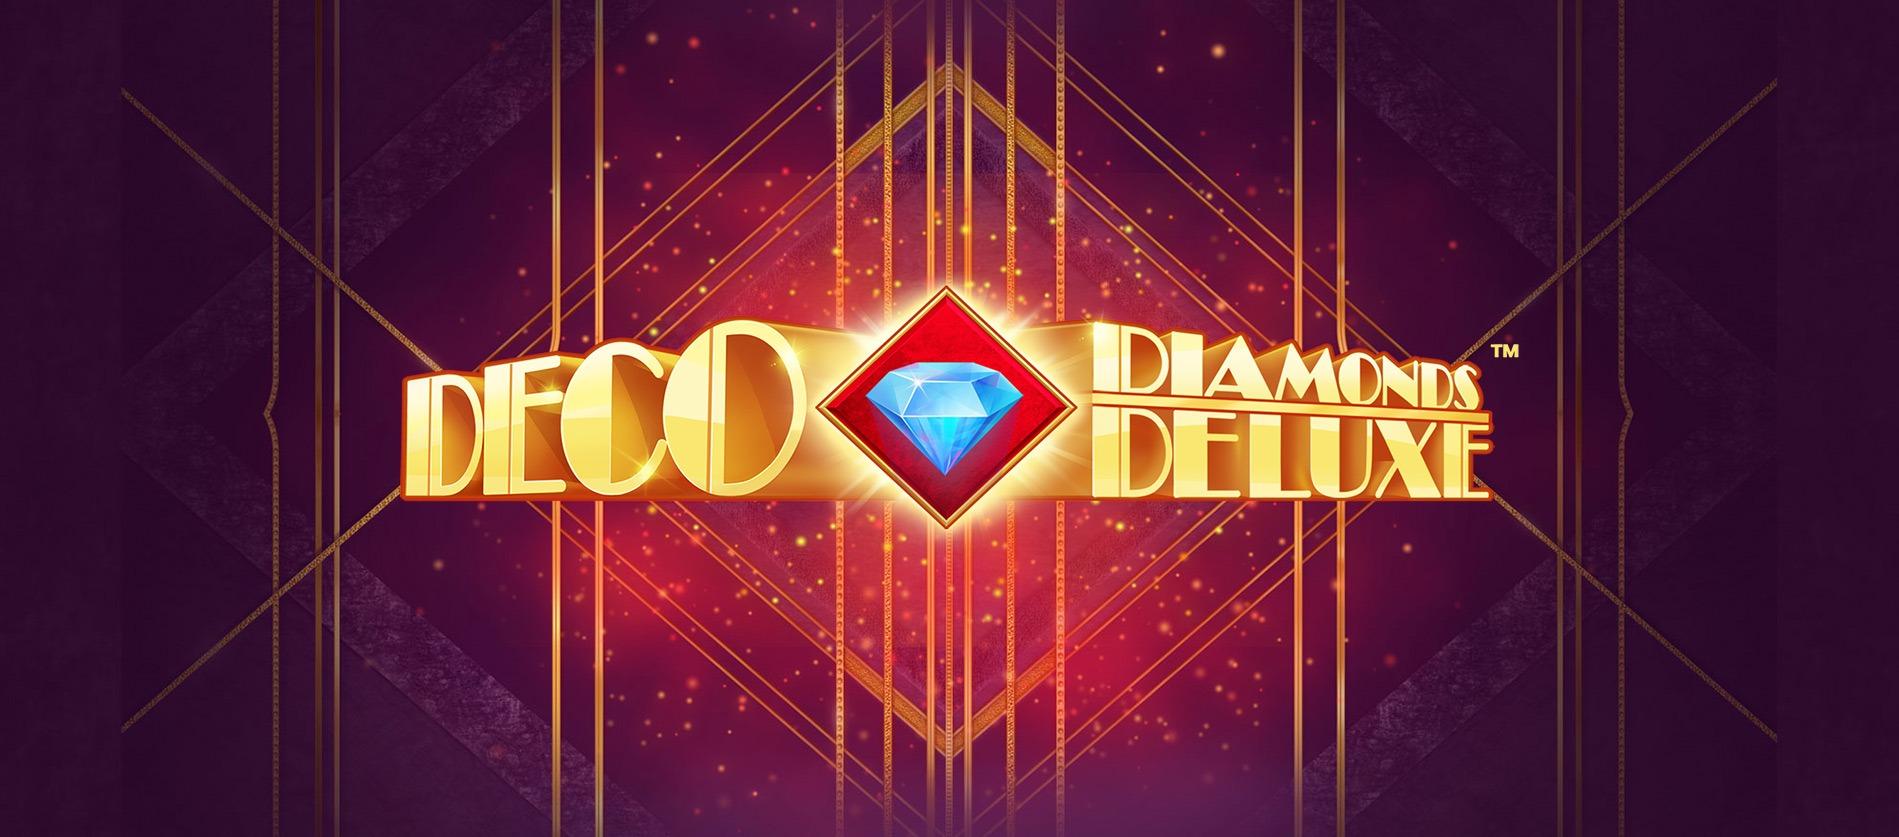 Deco Diamonds Deluxe Thor Slots